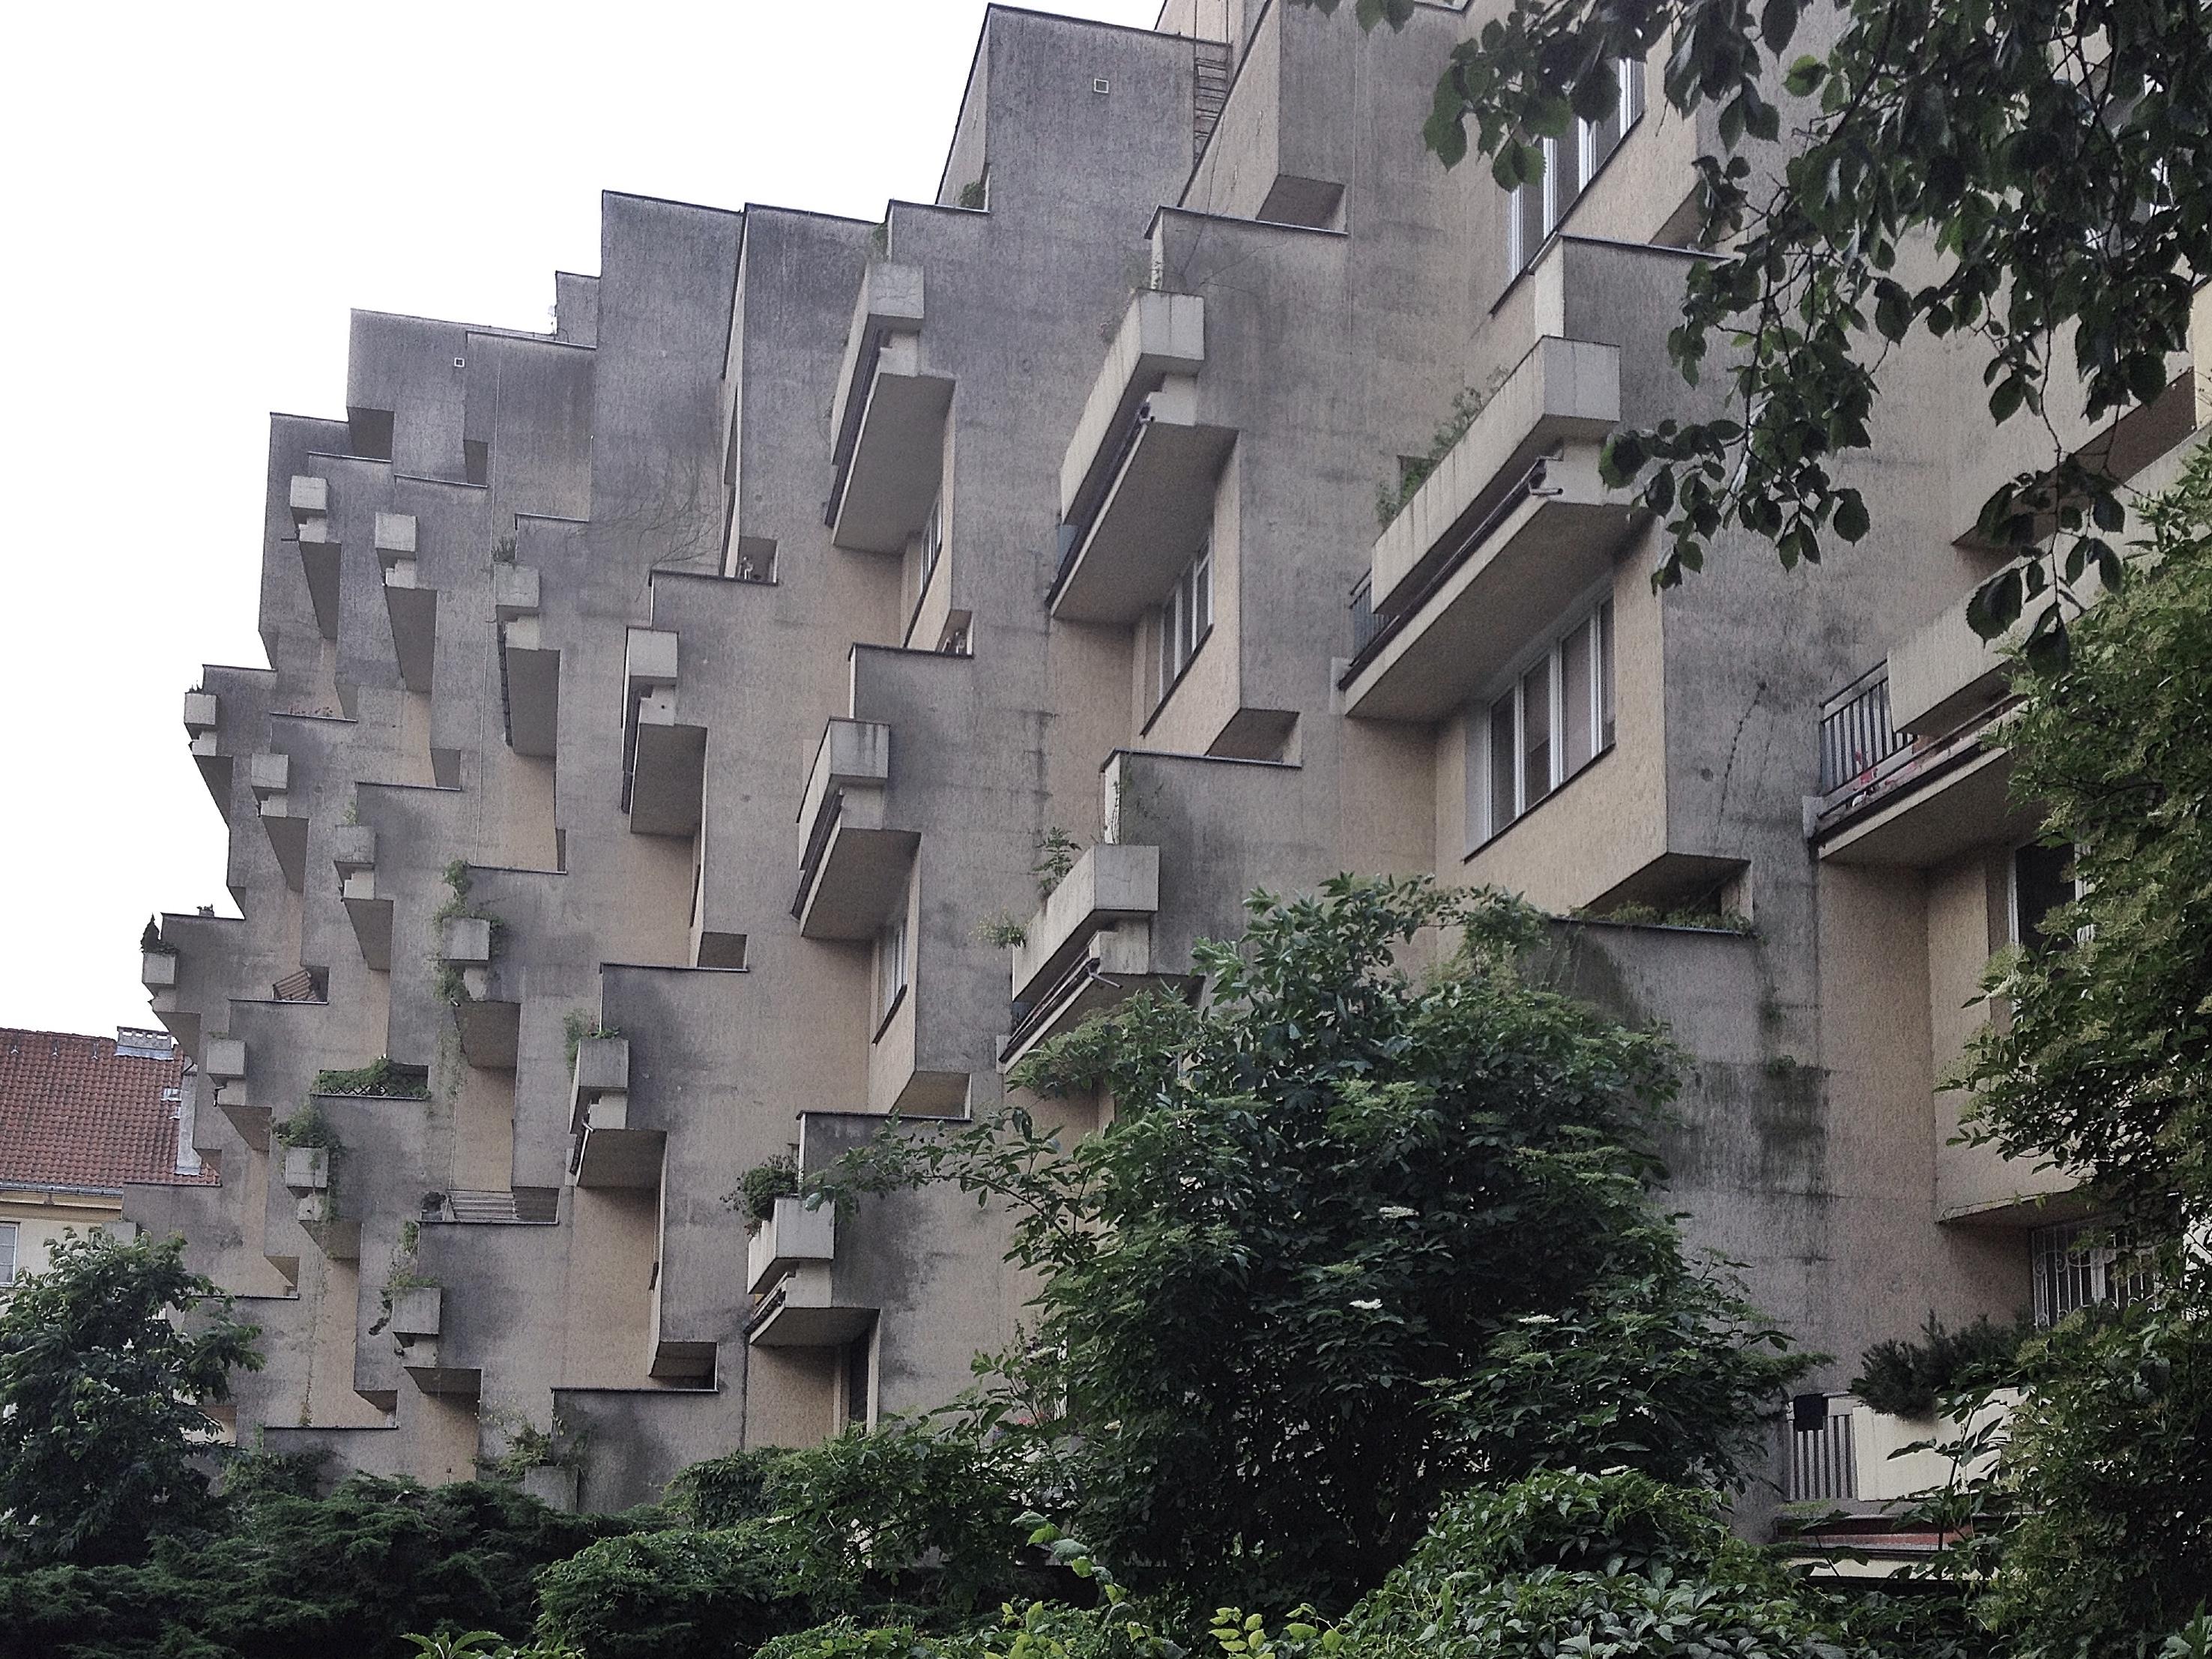 Można mieszkać w stolicy, przechodzić dziesiątki razy obok tego budynku i nadal nie mieć o jego istnieniu bladego pojęcia